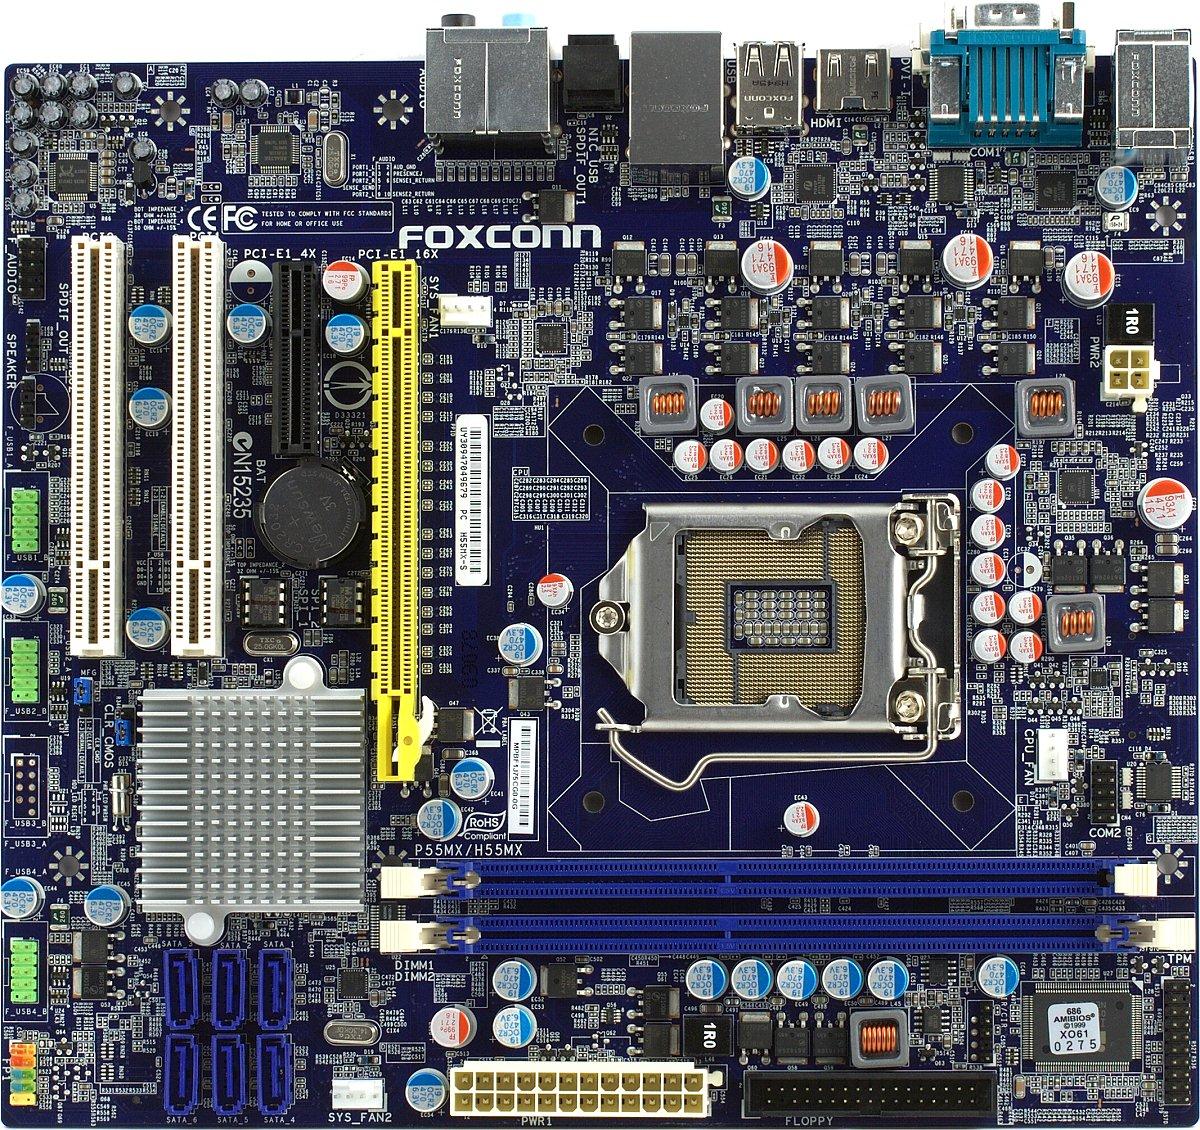 acpi pnp0510 windows 7 32bit